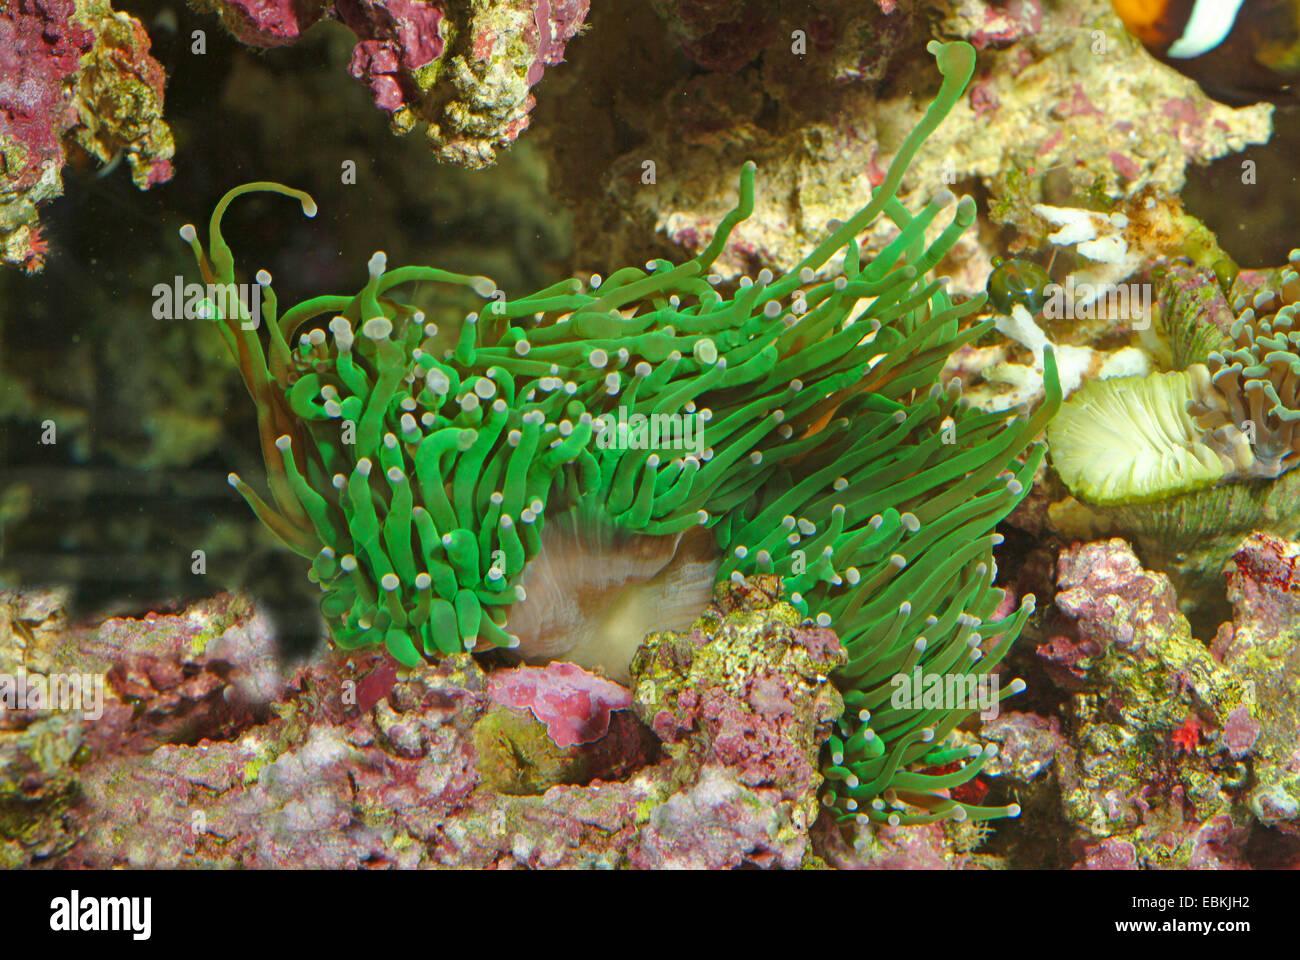 Torcia Coral (Euphyllia glabrescens), vista laterale Immagini Stock